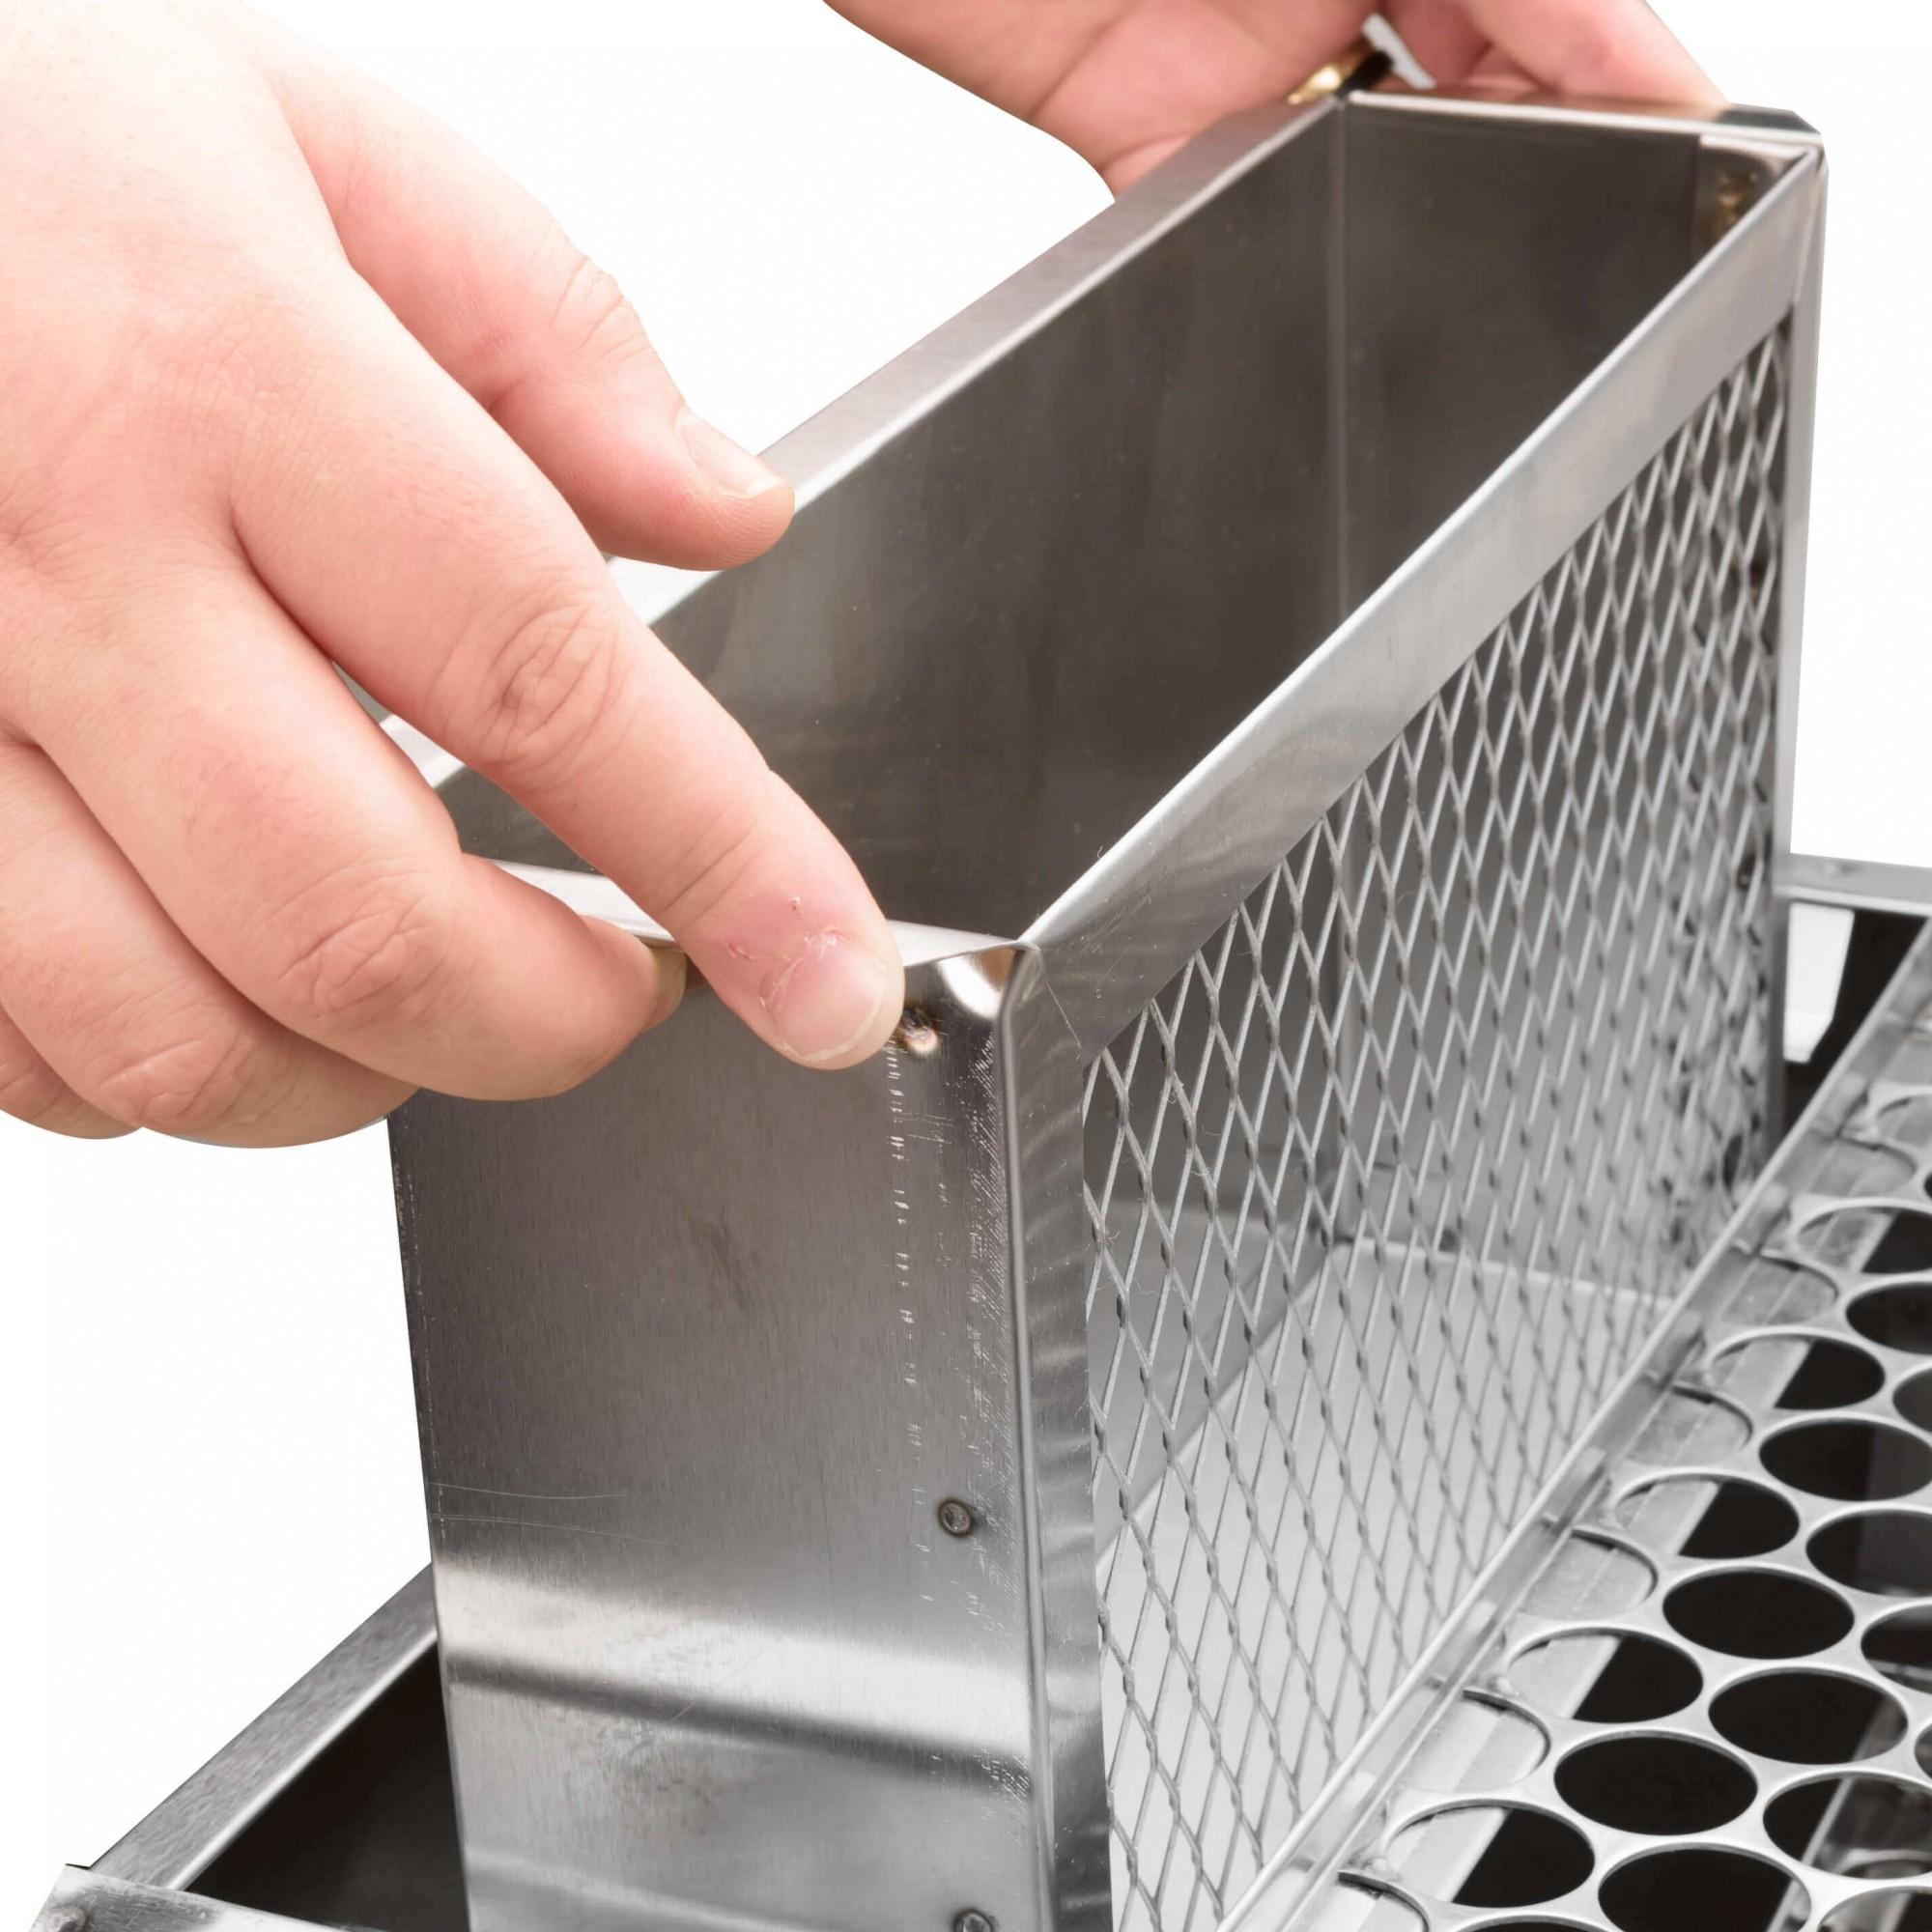 Churrasqueira Ecológica Para Apartamento Sem Fumaça 60 cm x 40 cm Aço Inox